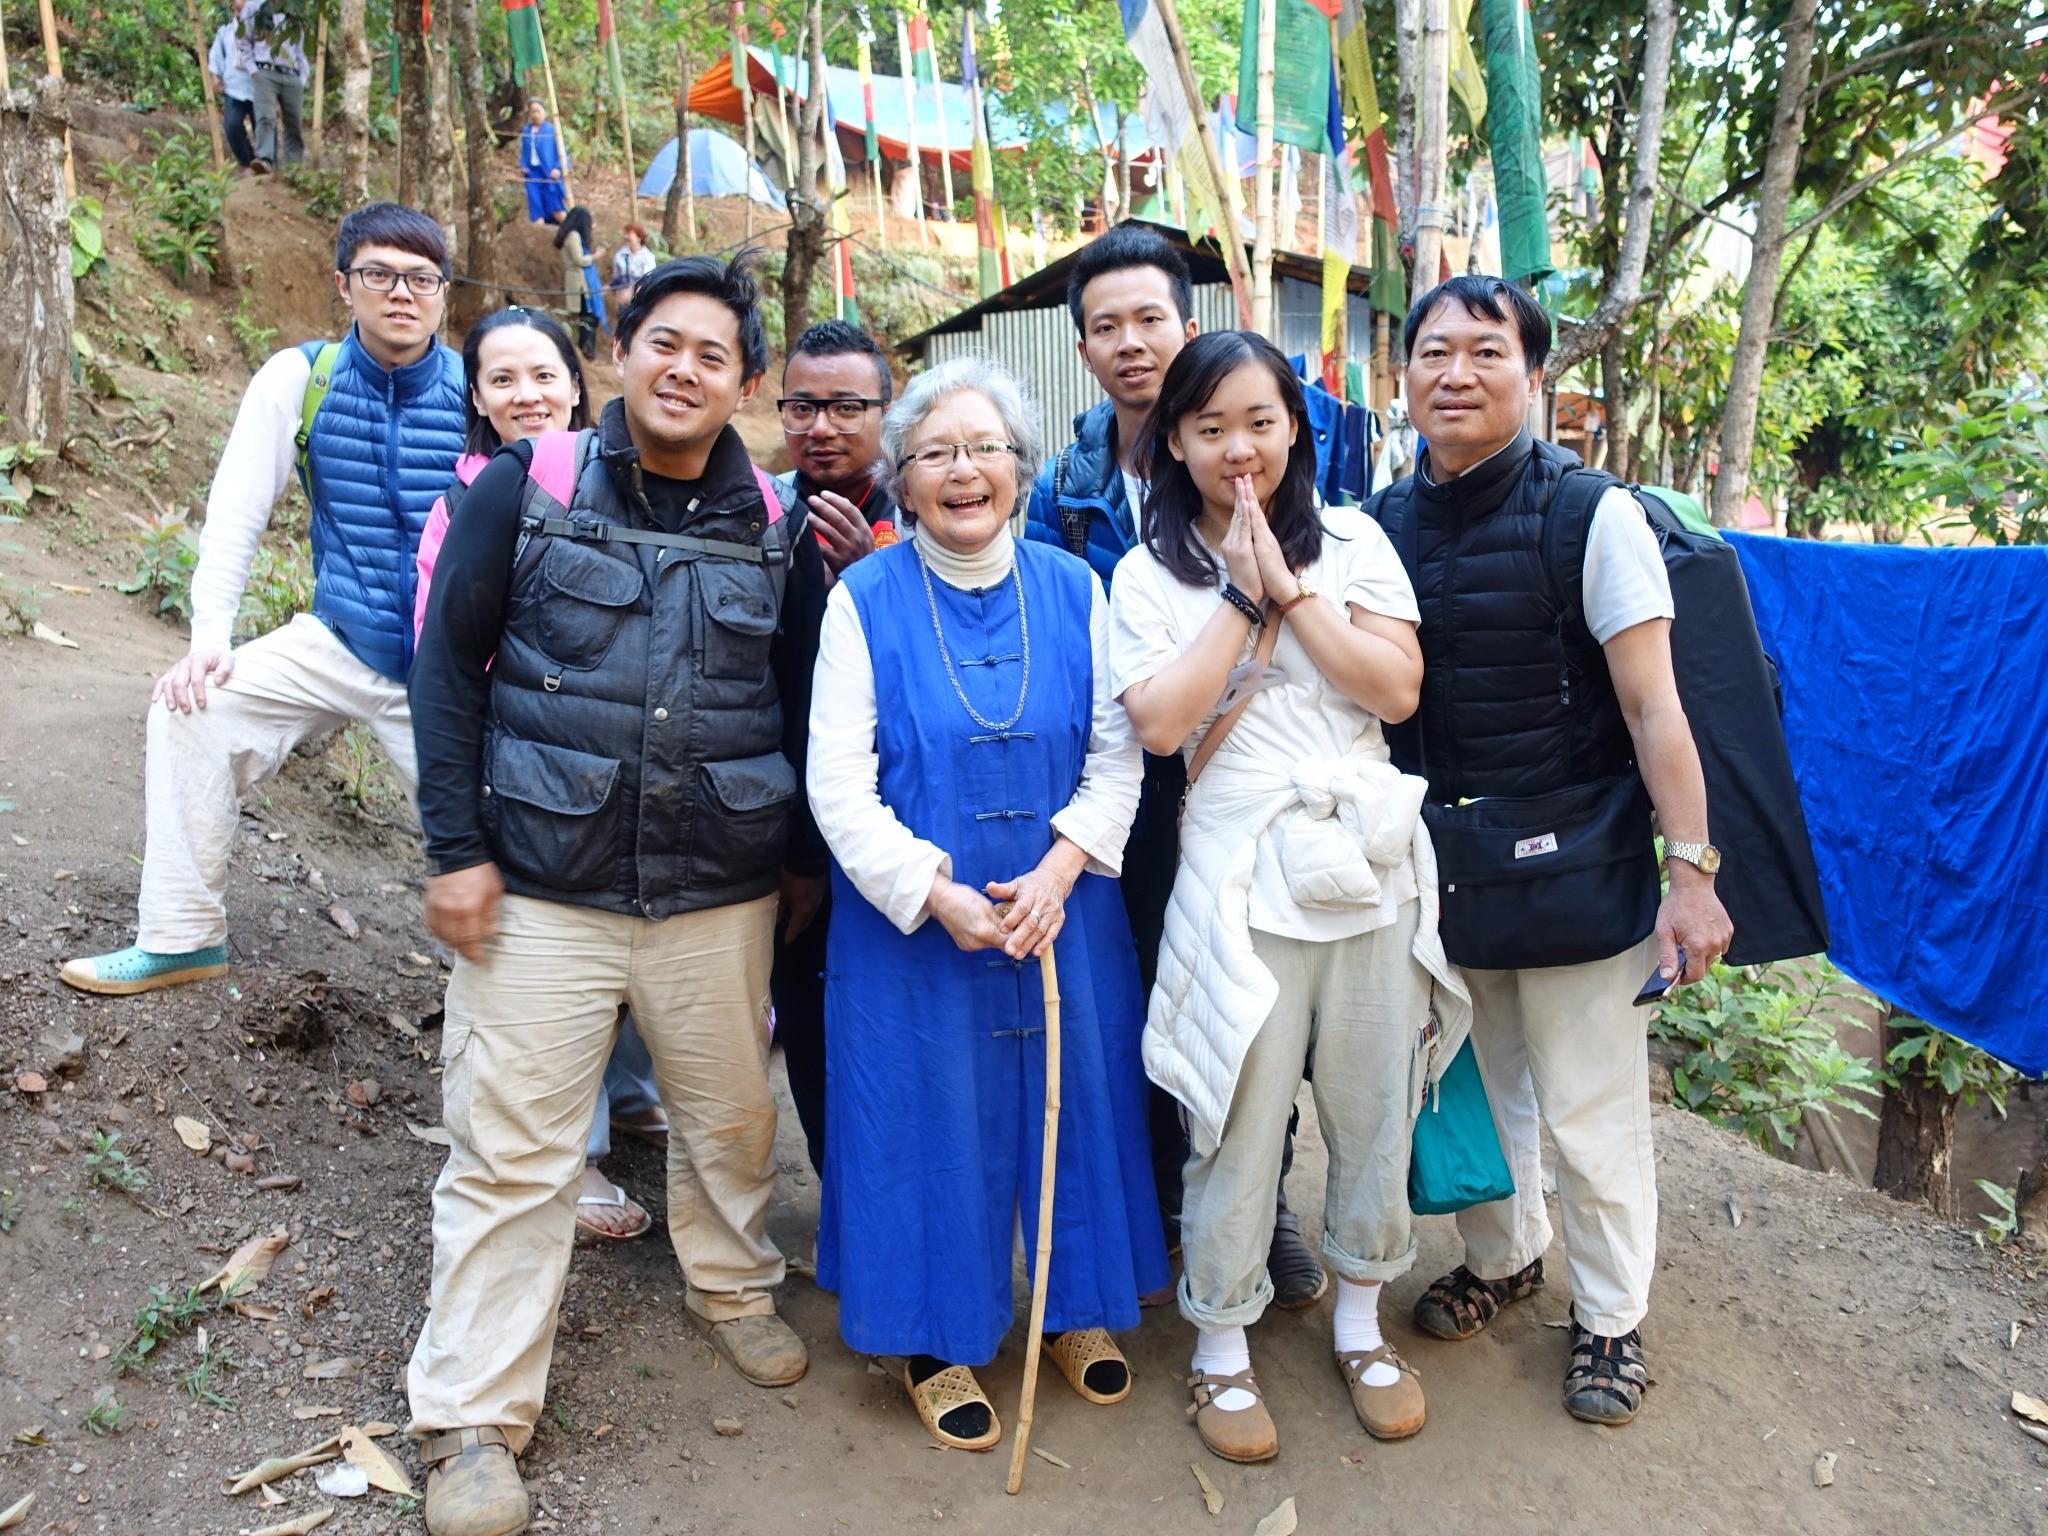 尼泊爾藍毗尼園+梅呾利孤如萬法和合眾大本營拜會14日